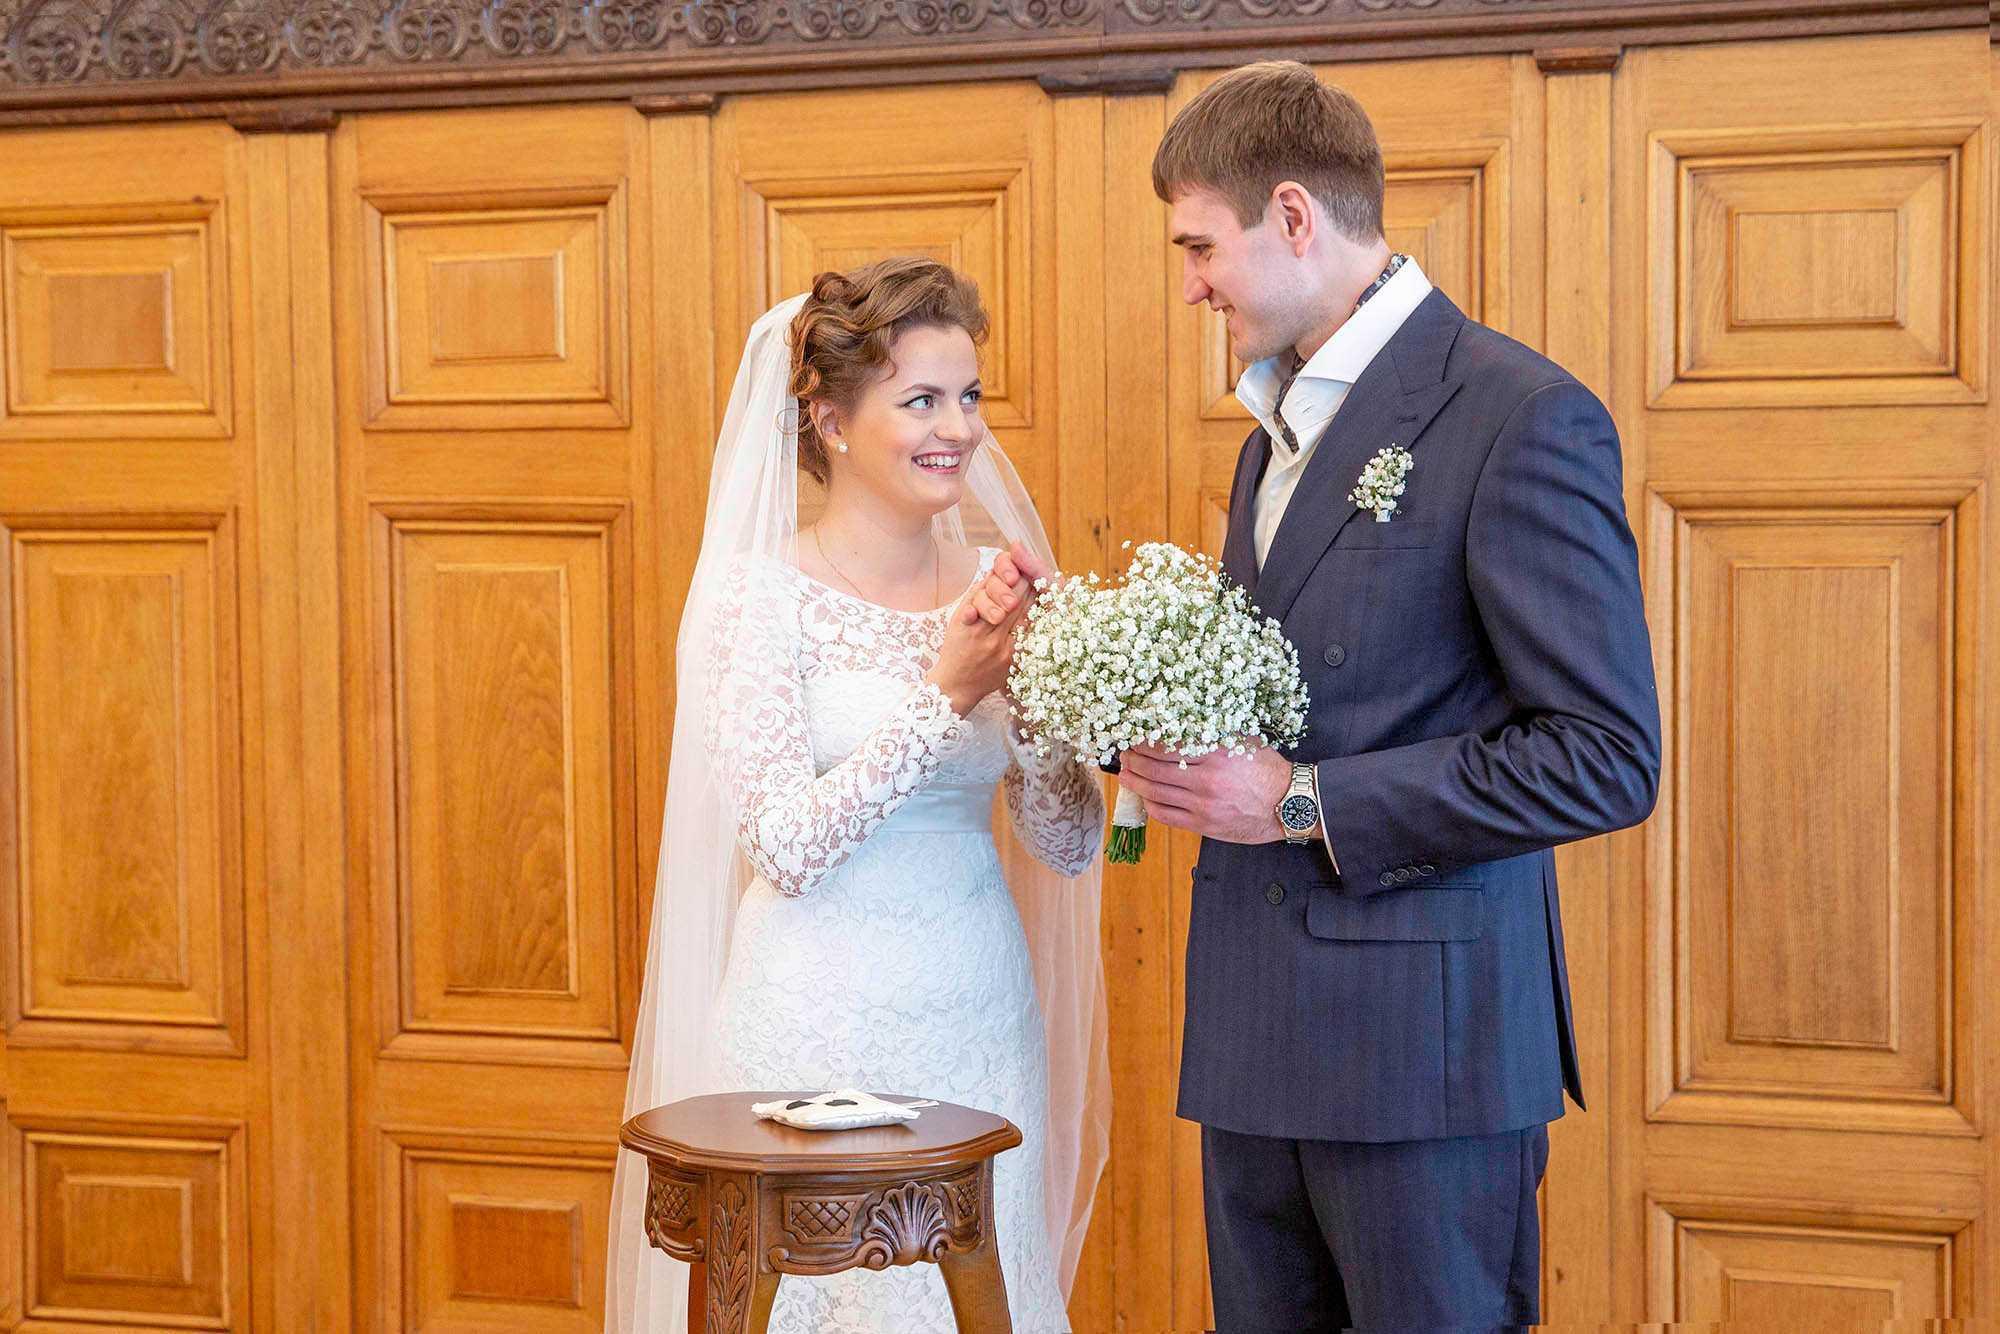 Дворец 1 Москва Свадебная фотосъемка Алексей Никольский фотограф на свадьбу